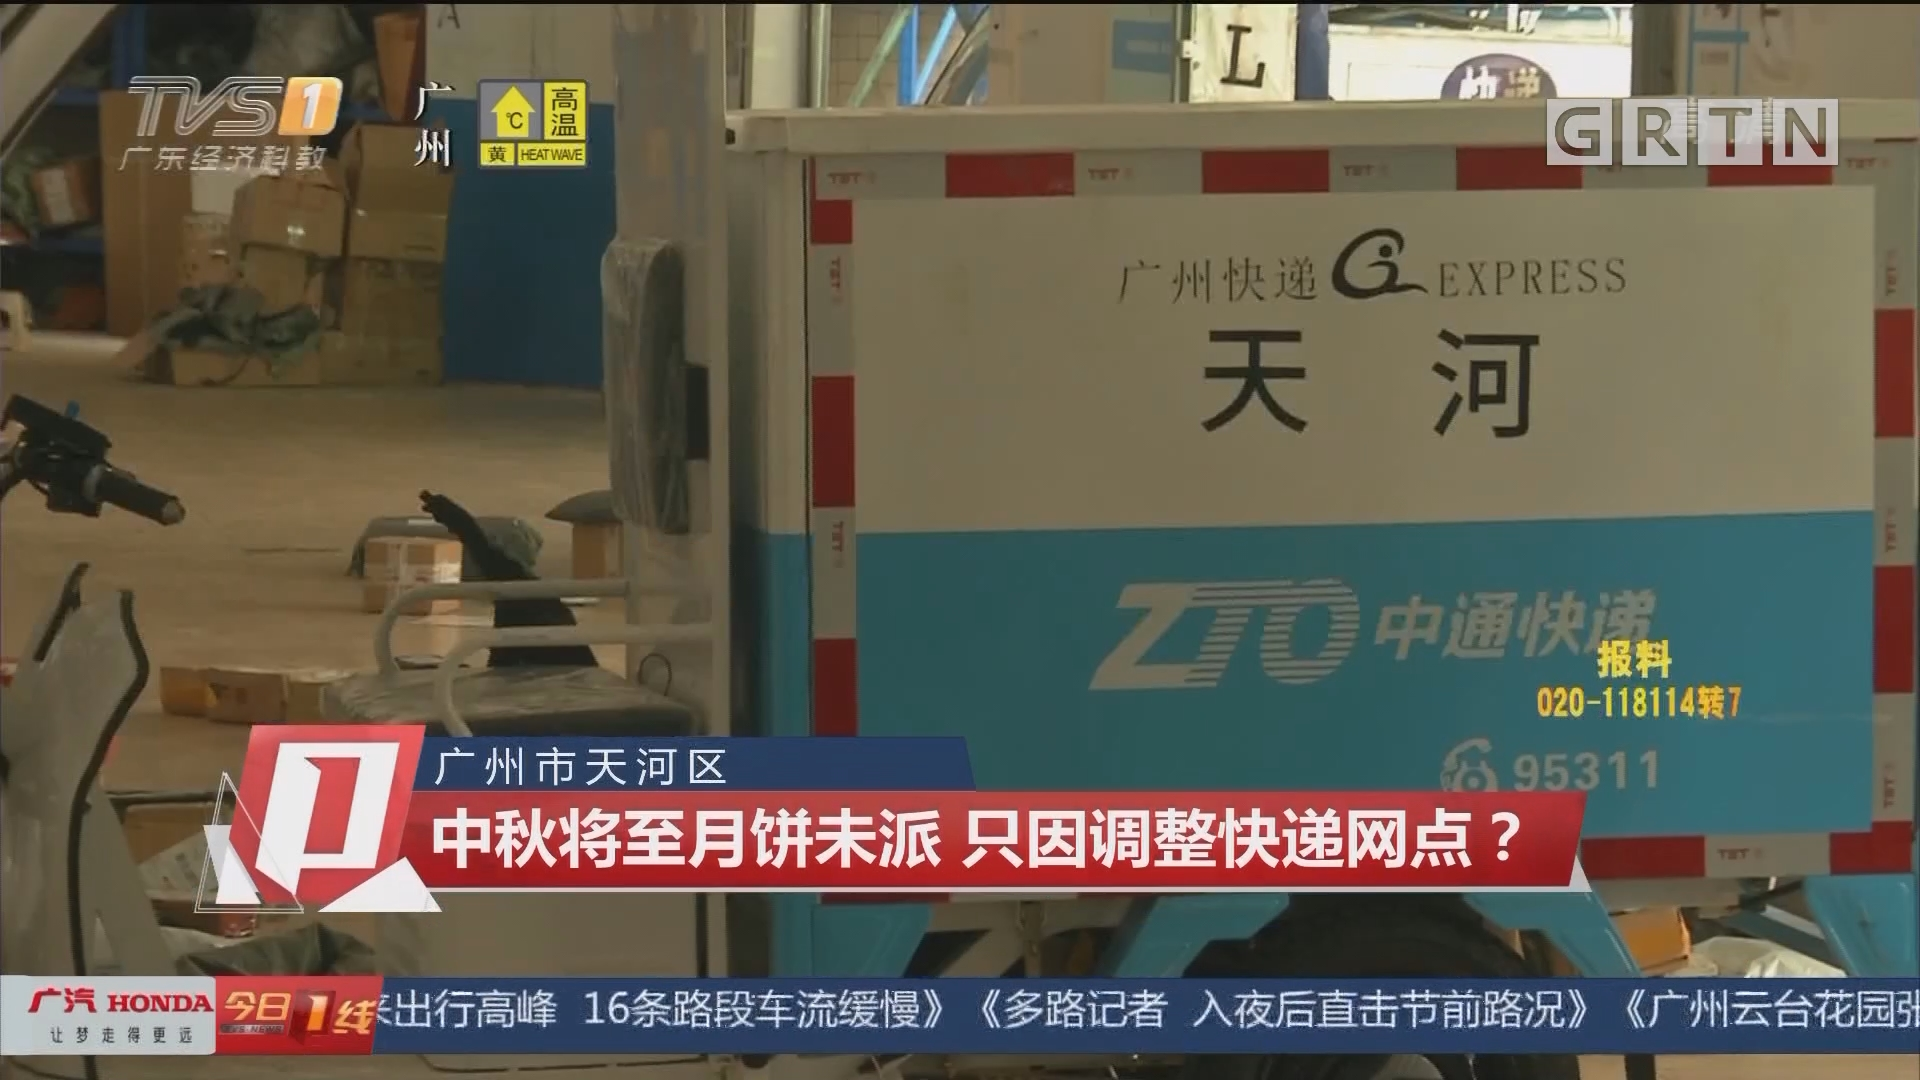 广州市天河区 中秋将至月饼未派 只因调整快递网点?